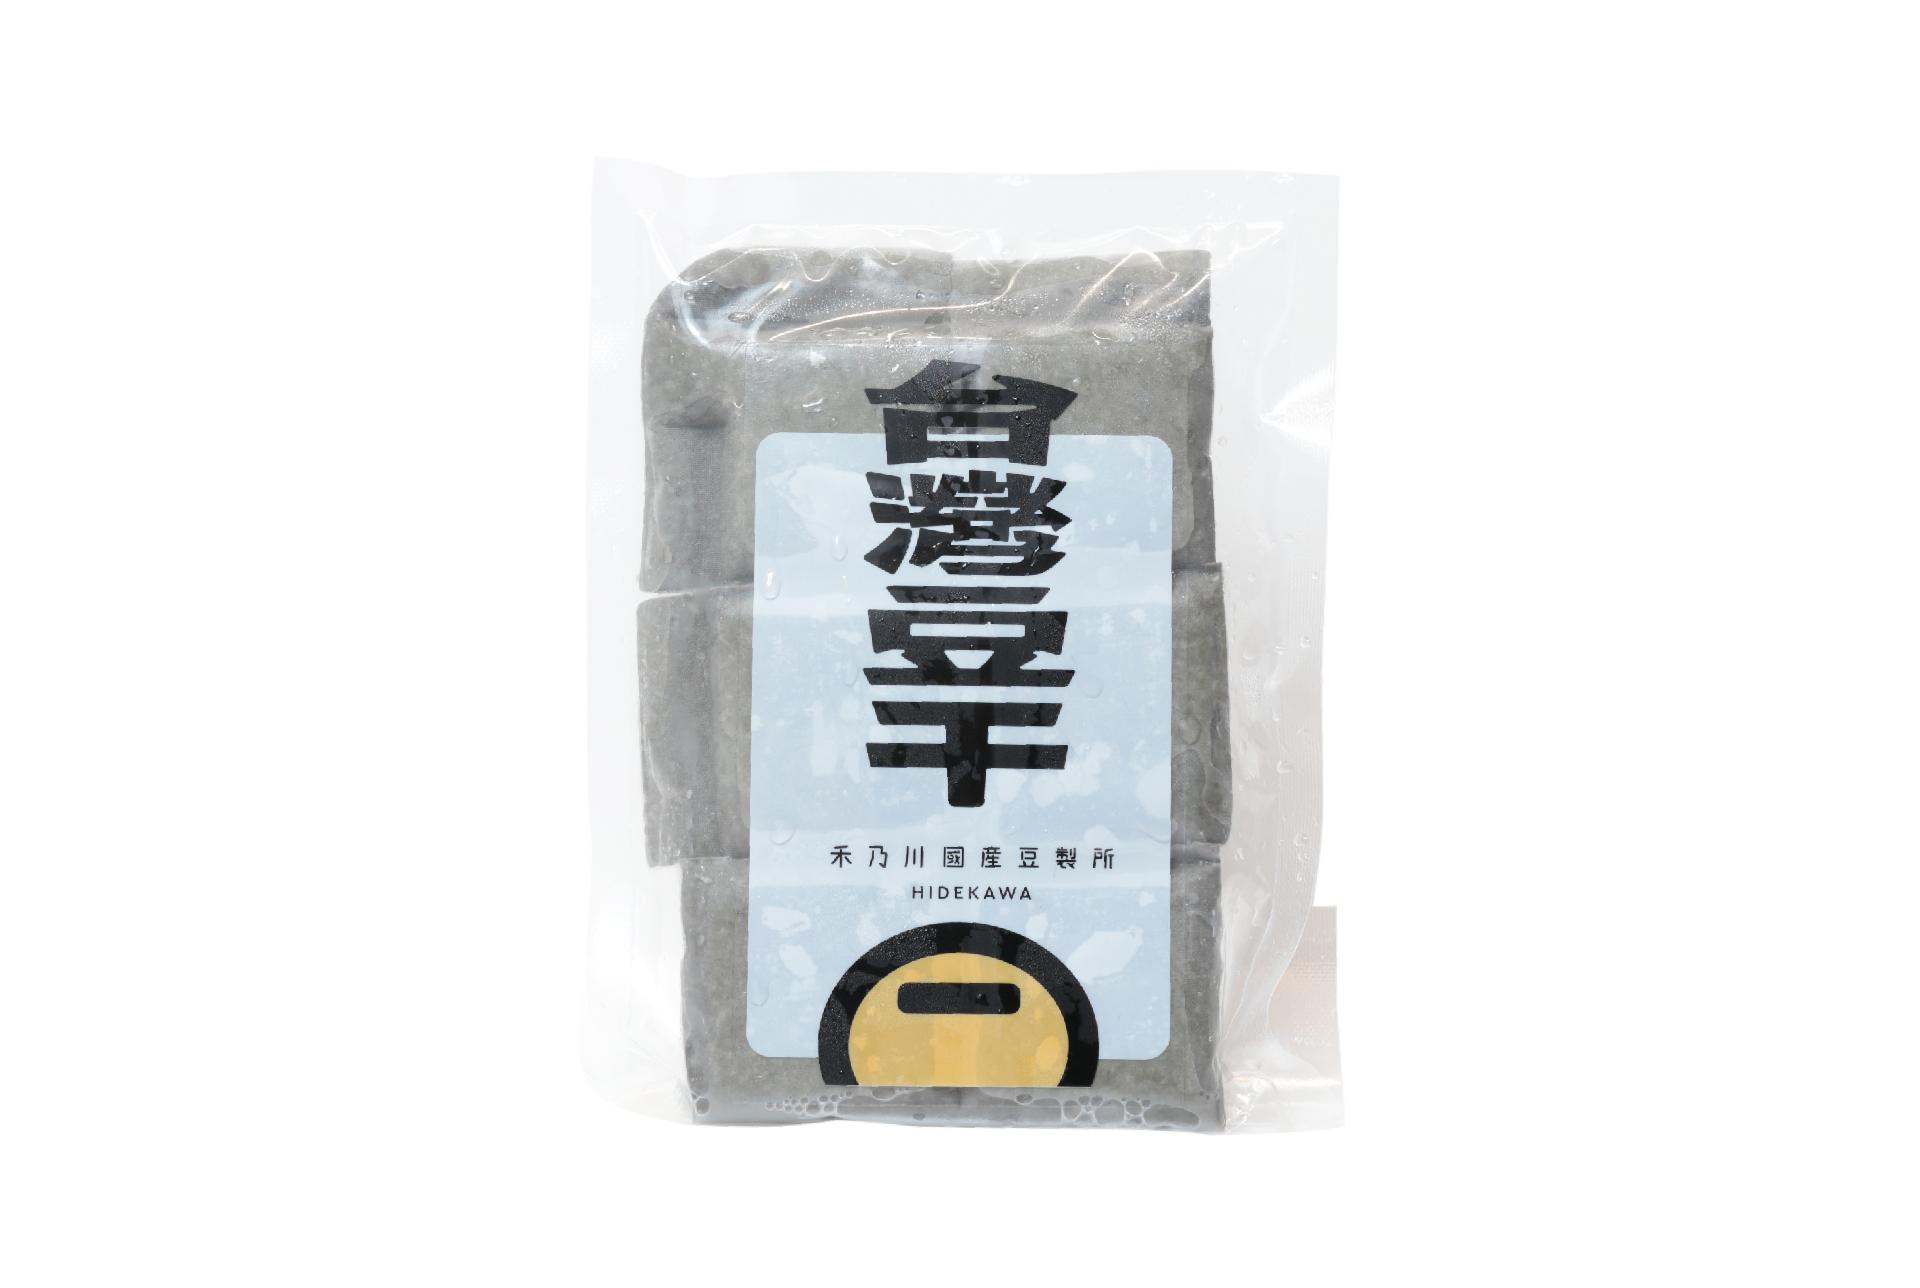 鹽鹵黑豆干 - 扎實中帶有韌性 | 禾乃川國產豆製所 | 改變生命的豆漿店